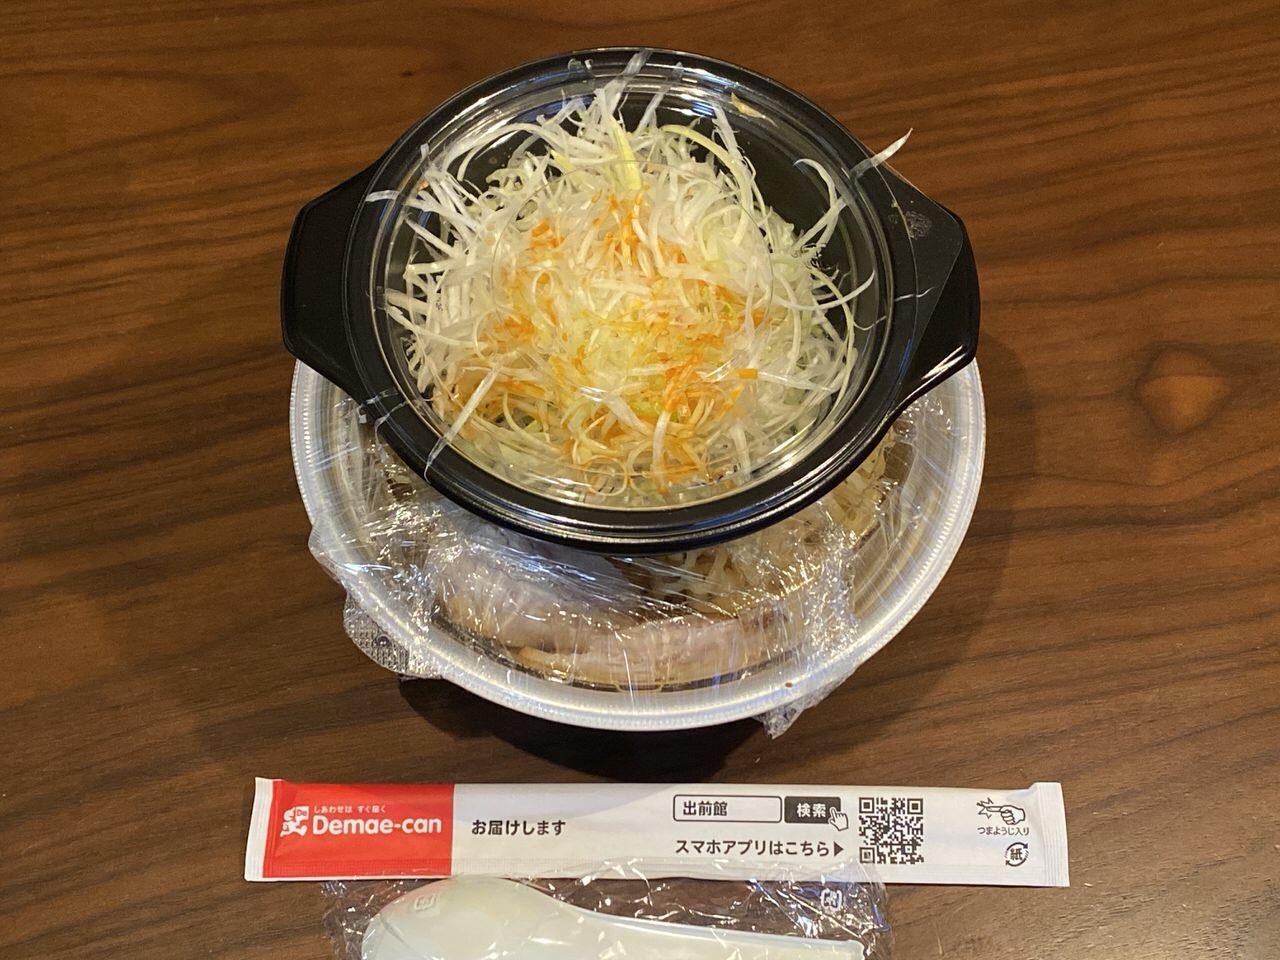 「幸楽苑」テイクアウトを利用してみた→普通に店で食べるラーメンでした